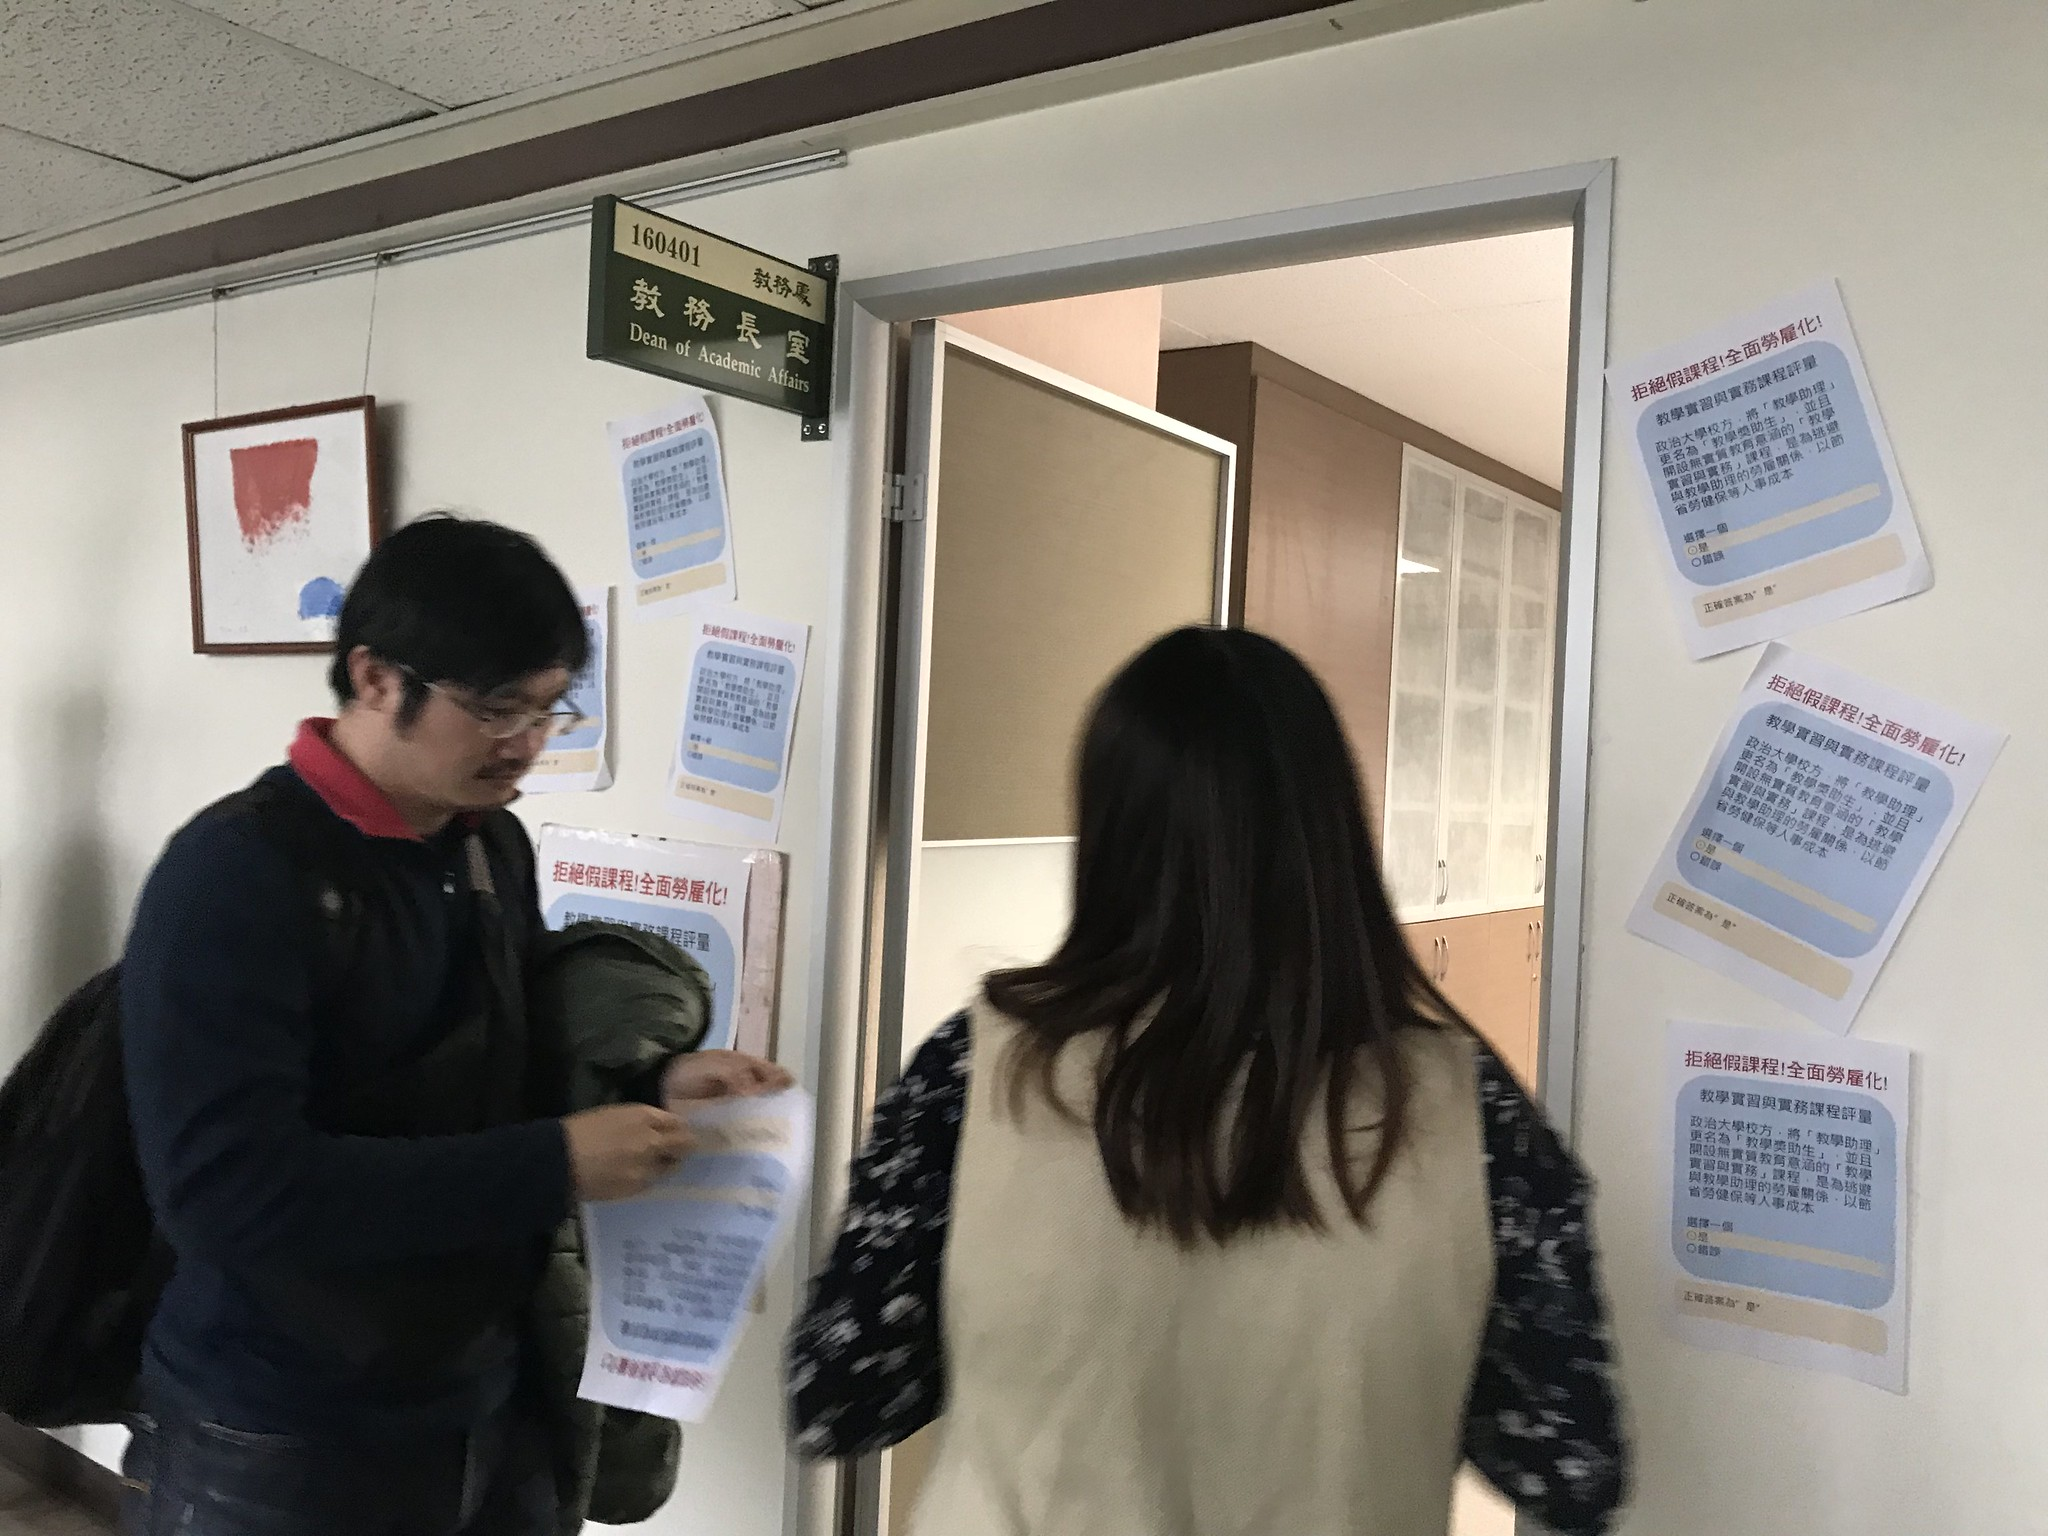 学生将讽刺政大兼任助理课后问卷的字条黏贴在教务长室的门口。(摄影:张宗坤)